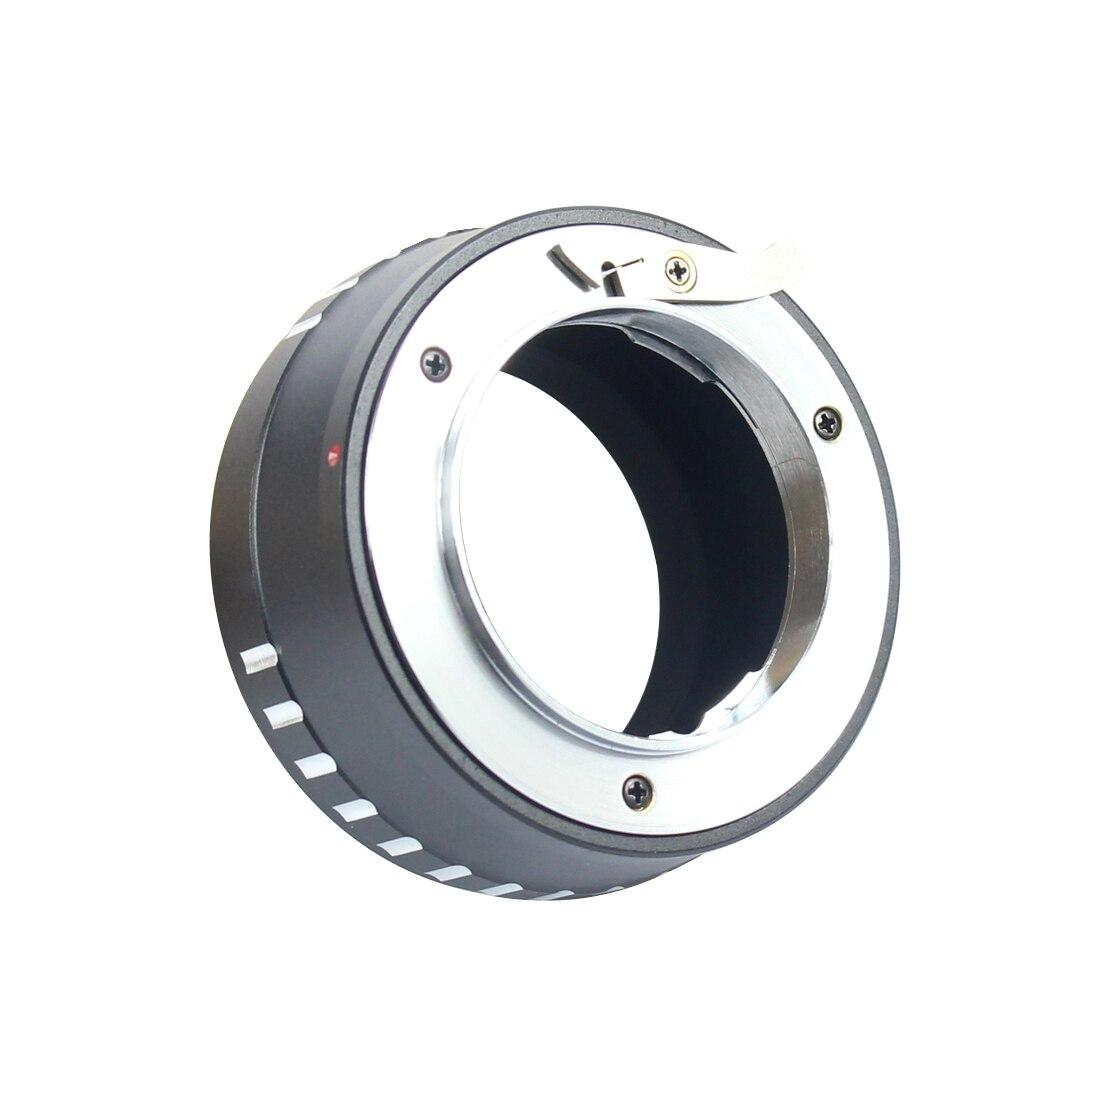 BGNING lente de la Cámara de anillo adaptador para Exakta EXA para Sony NEX E montaje NEX7 NEX-5N NEX5 NEX3 convertir lente adaptador de parte